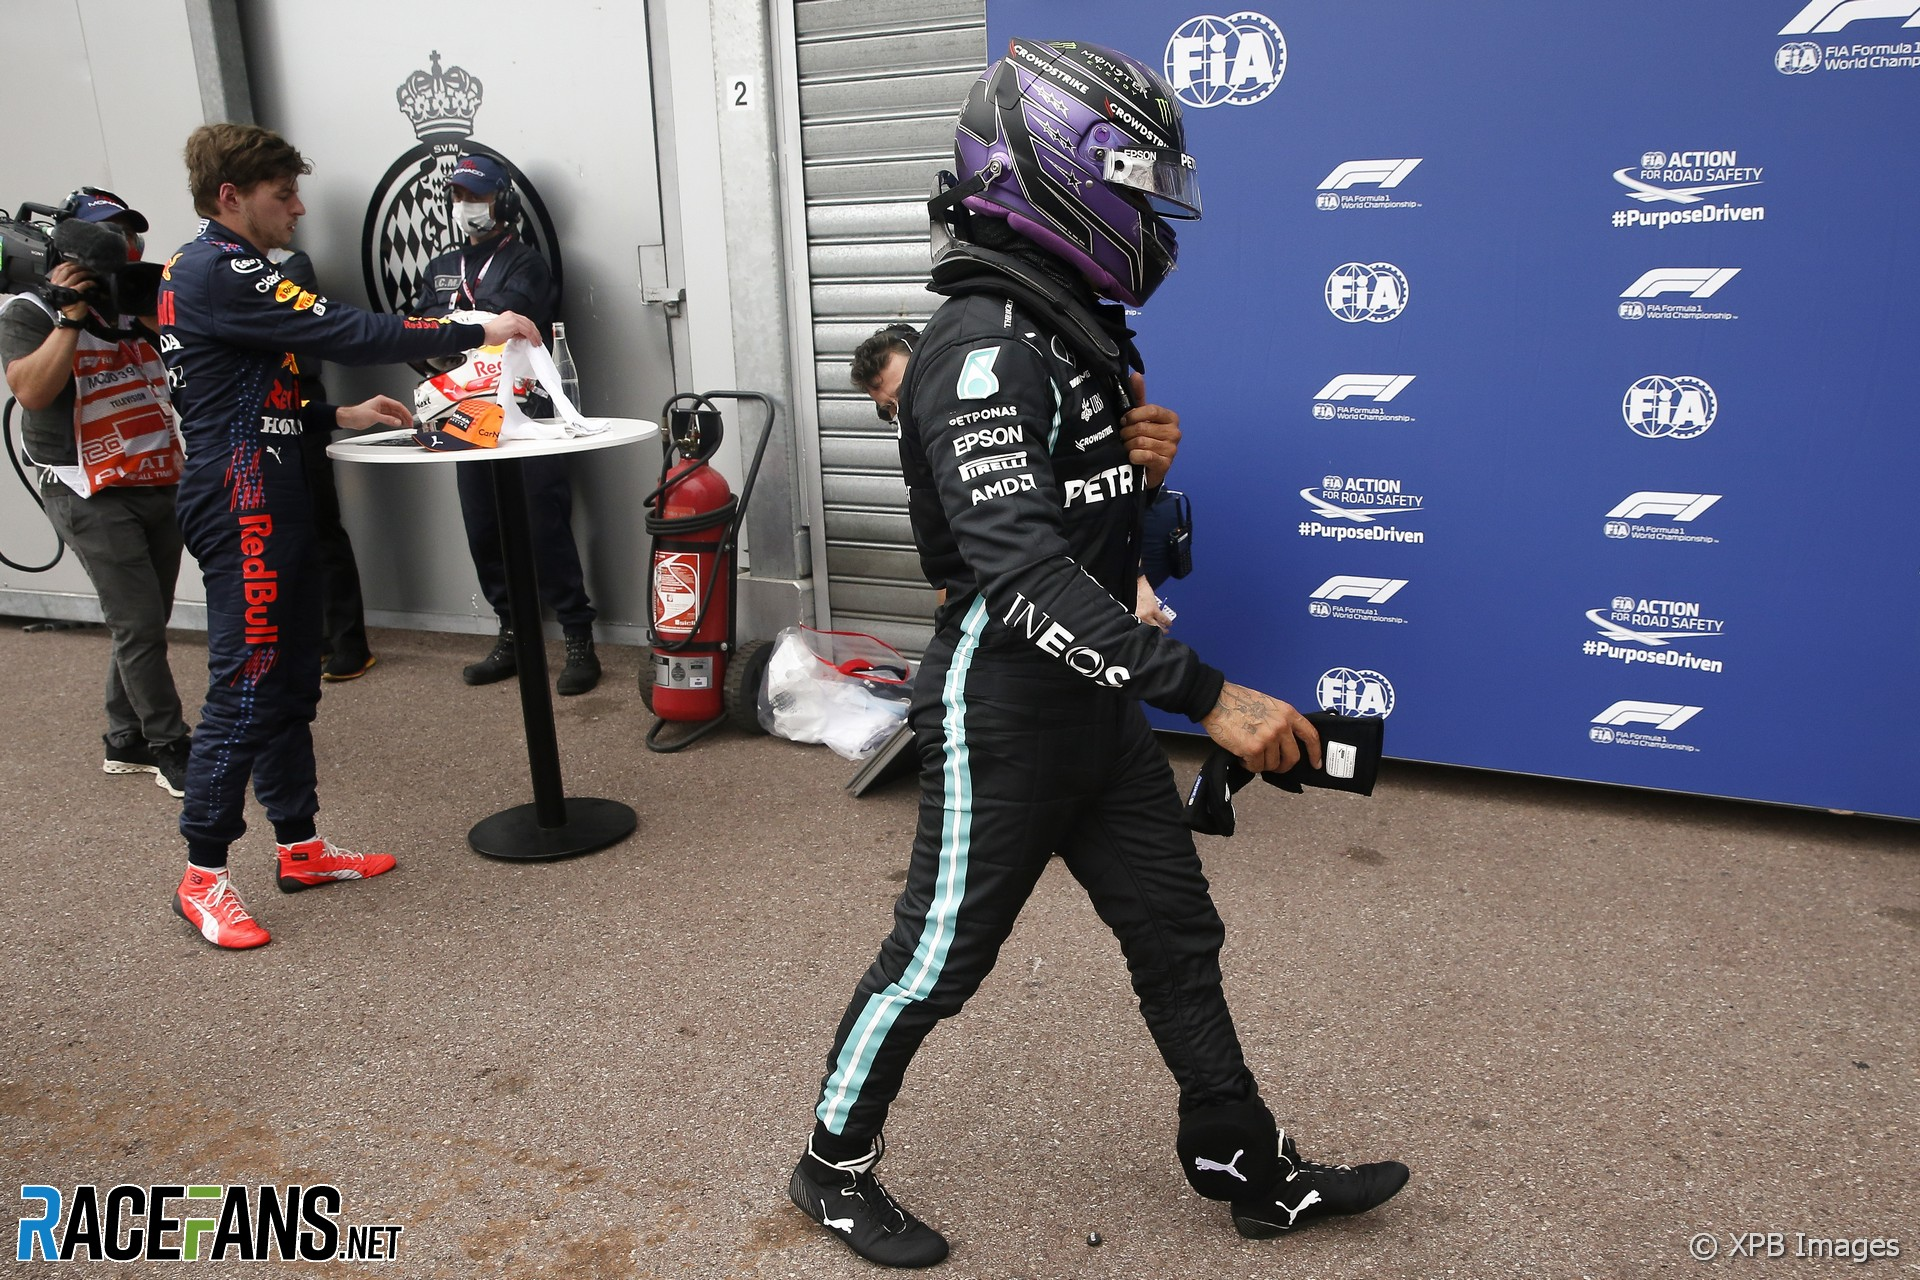 Lewis Hamilton, Mercedes, Monaco, 2021